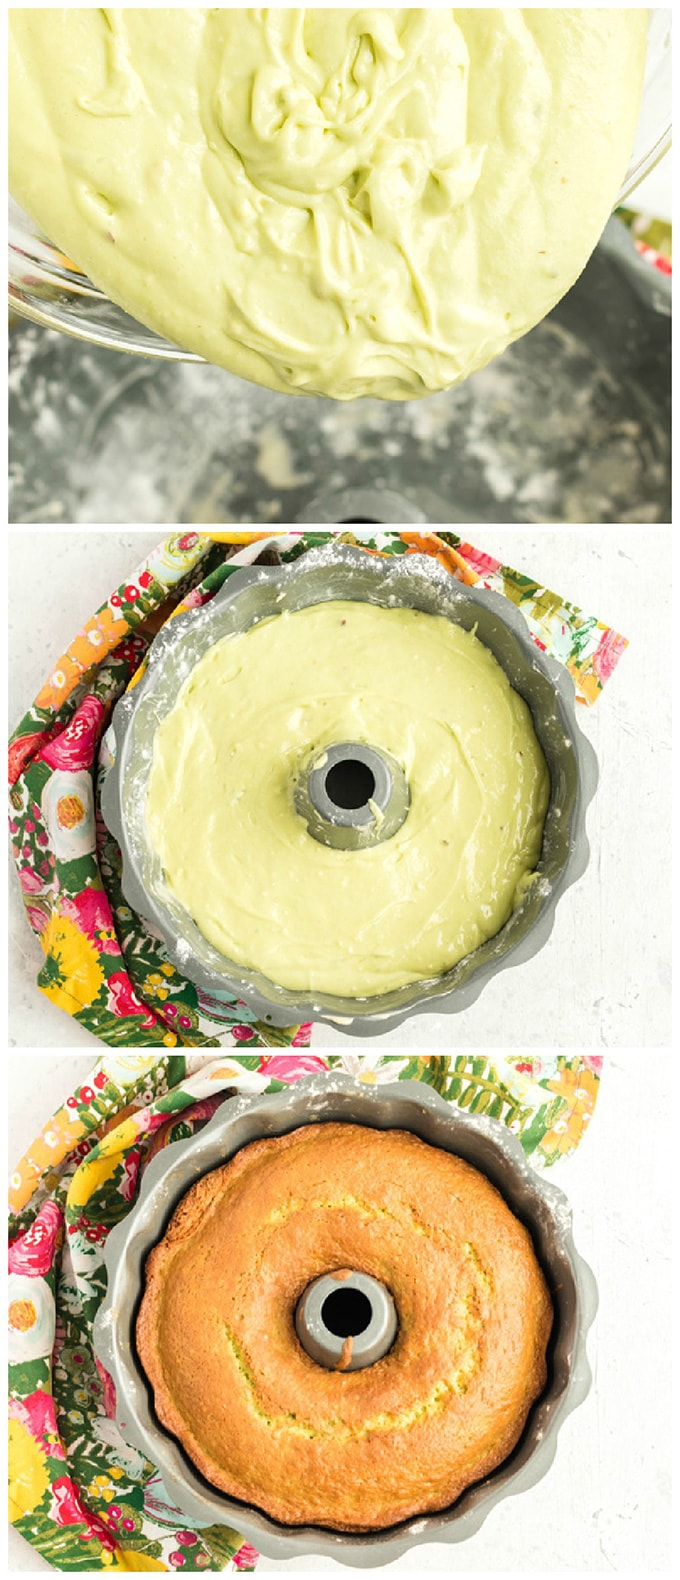 putting cake mix in bundt pan